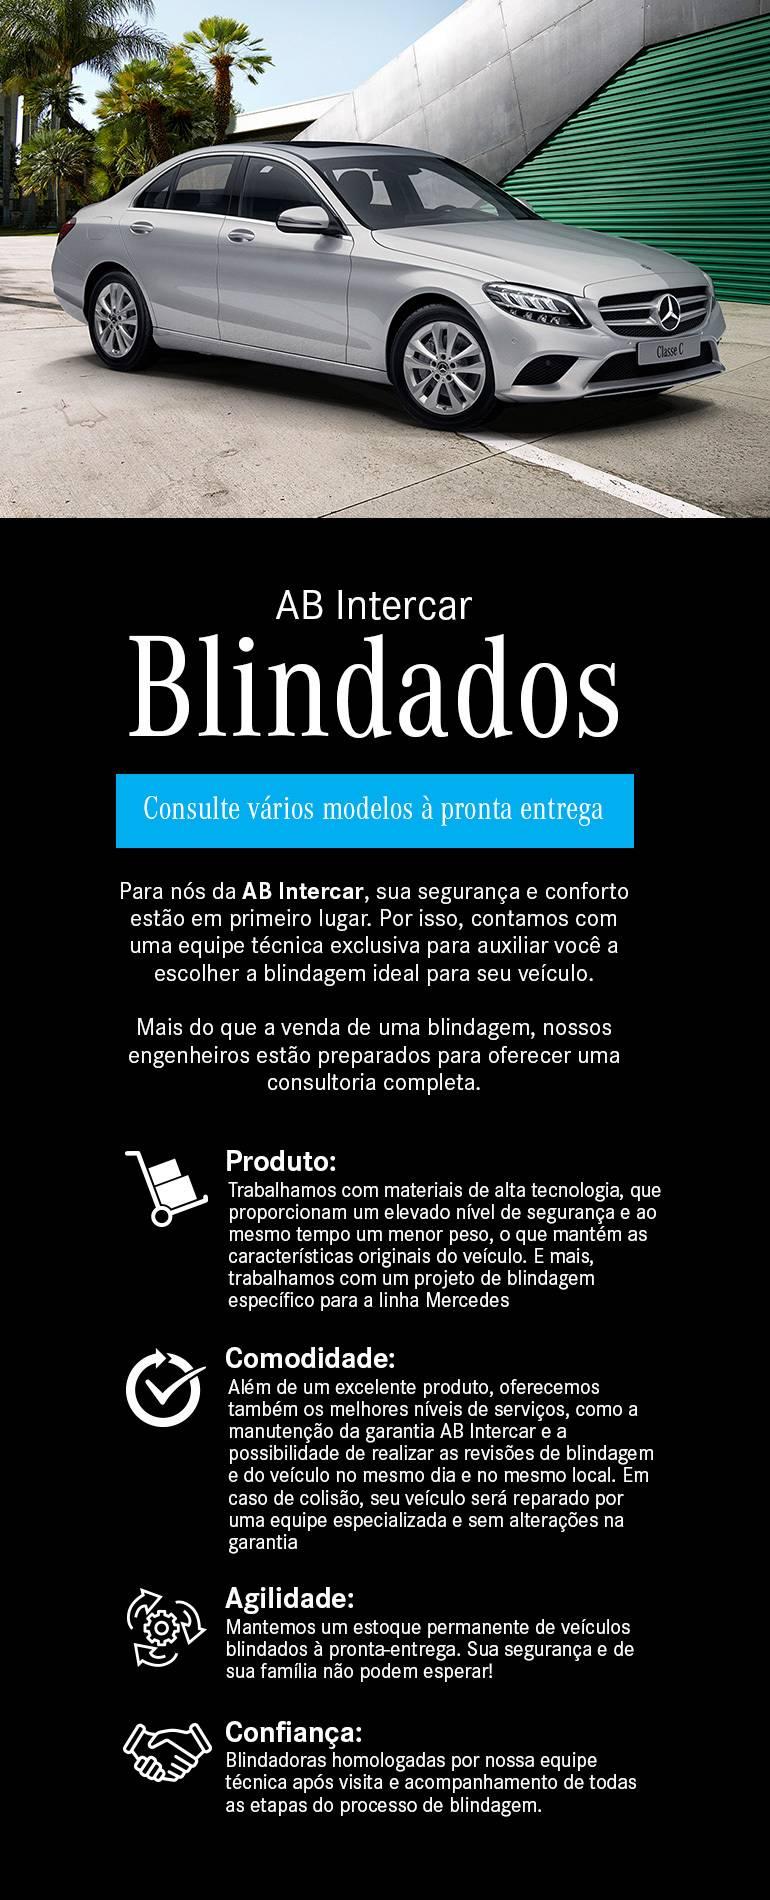 AB Intercar - Blindados